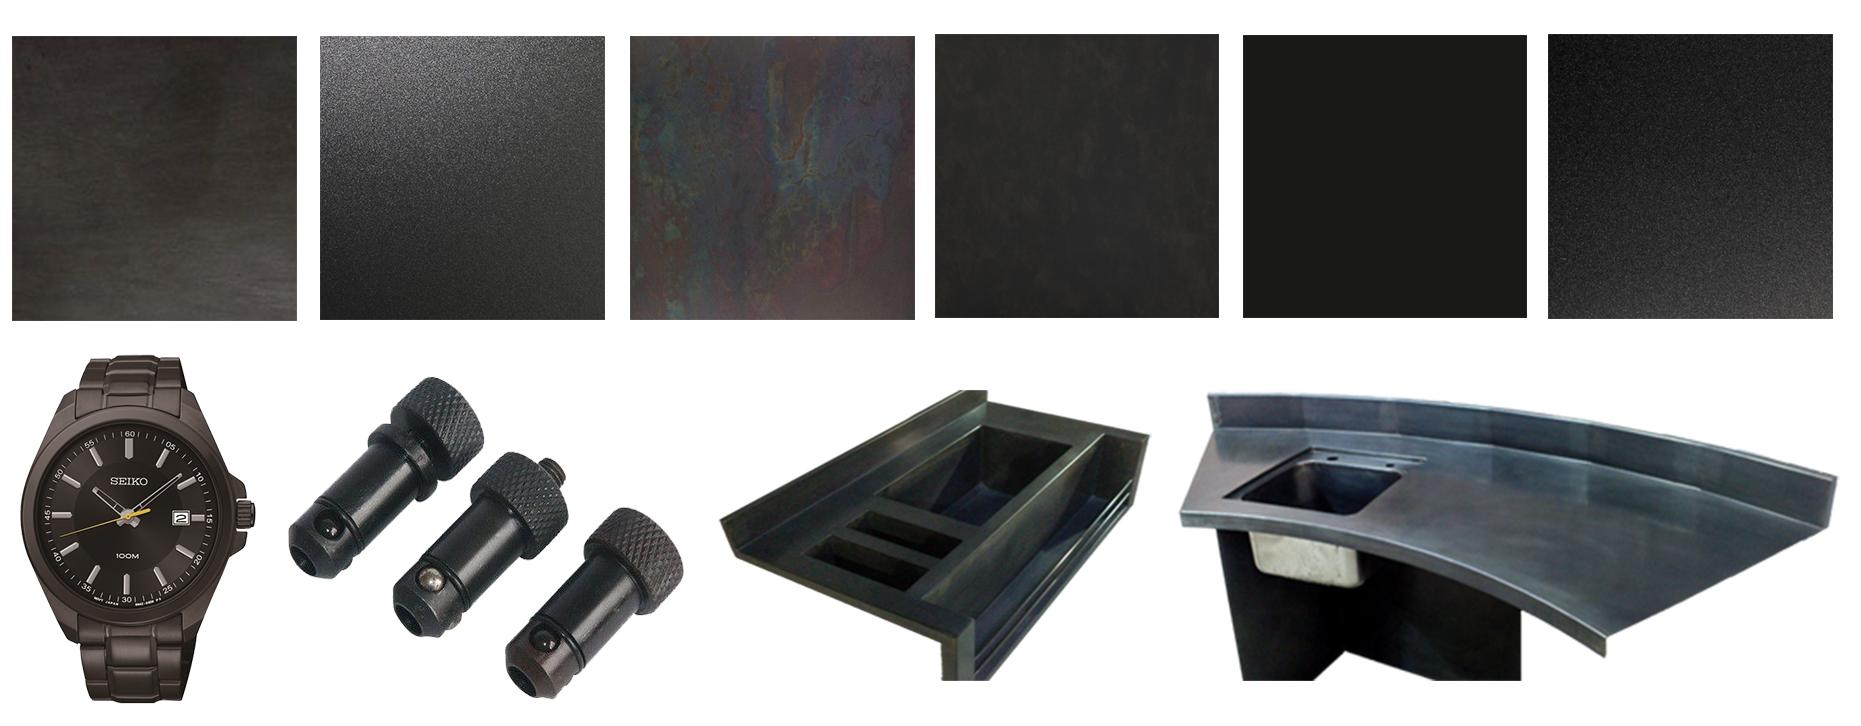 stainless-steel-blackener-pictorial.png